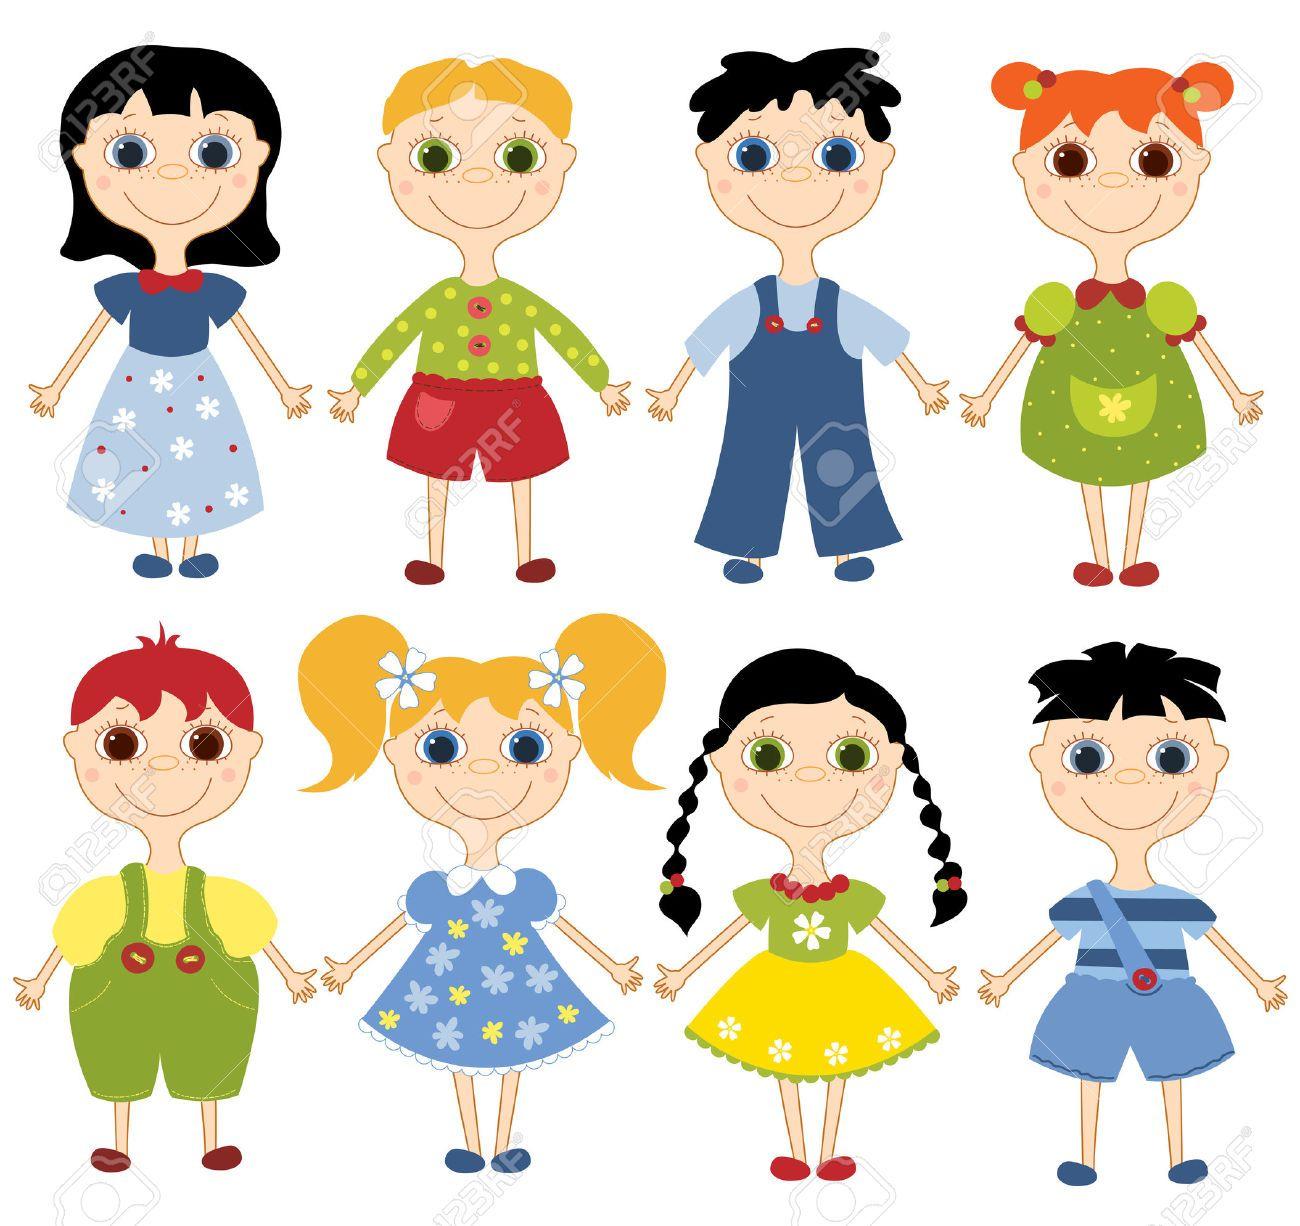 Conjunto de ni os de dibujos animados ocho ni os felices - Dibujos animados para bebes ...